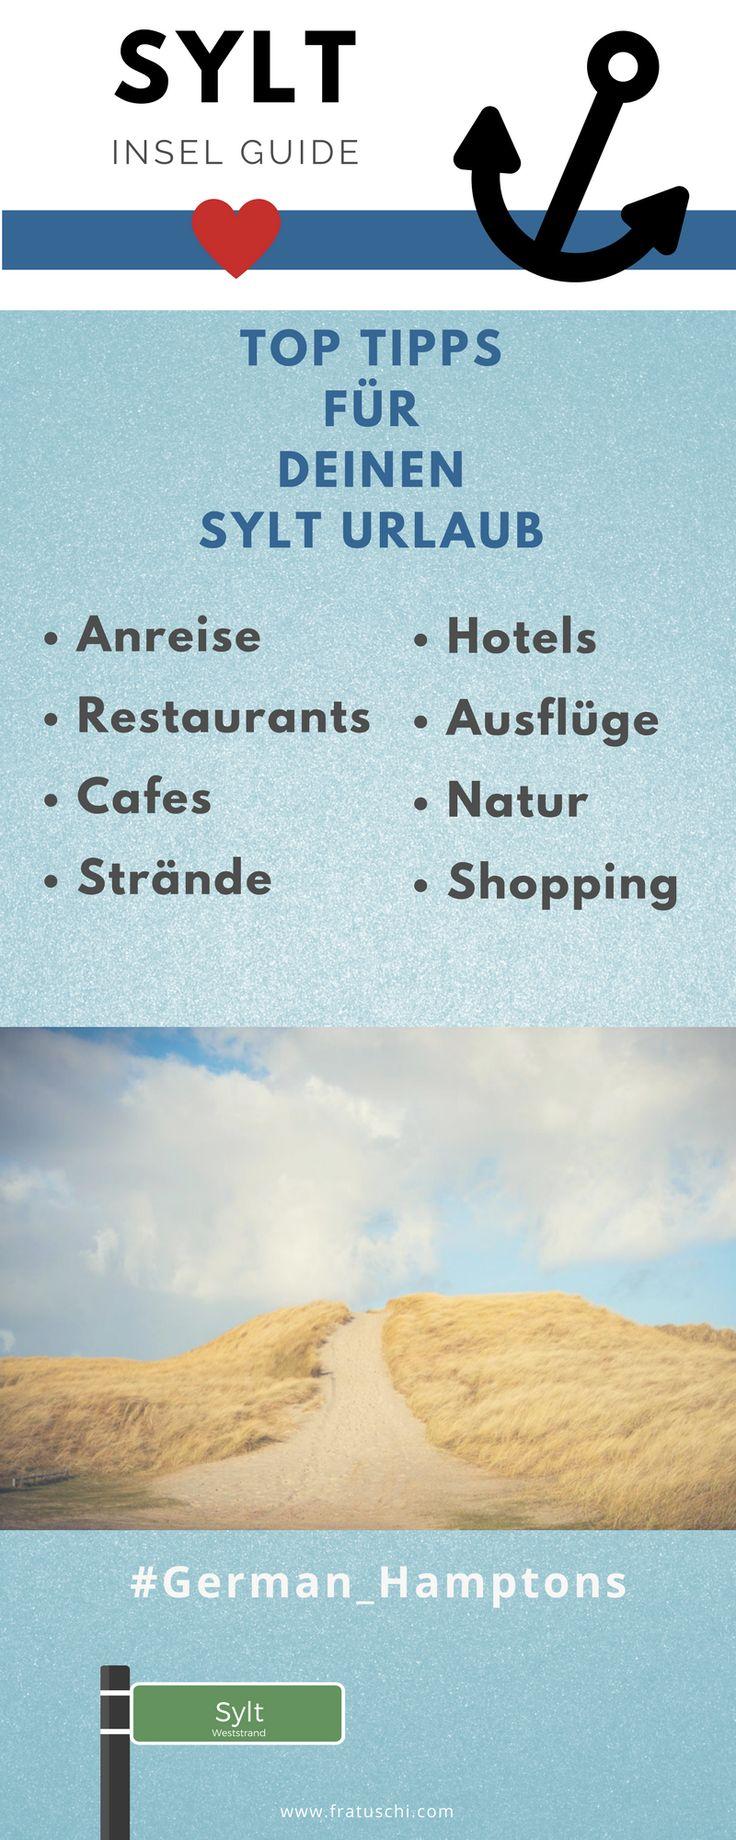 Urlaub in Deutschland an der Nordsee: Meine Top Sylt Tipps